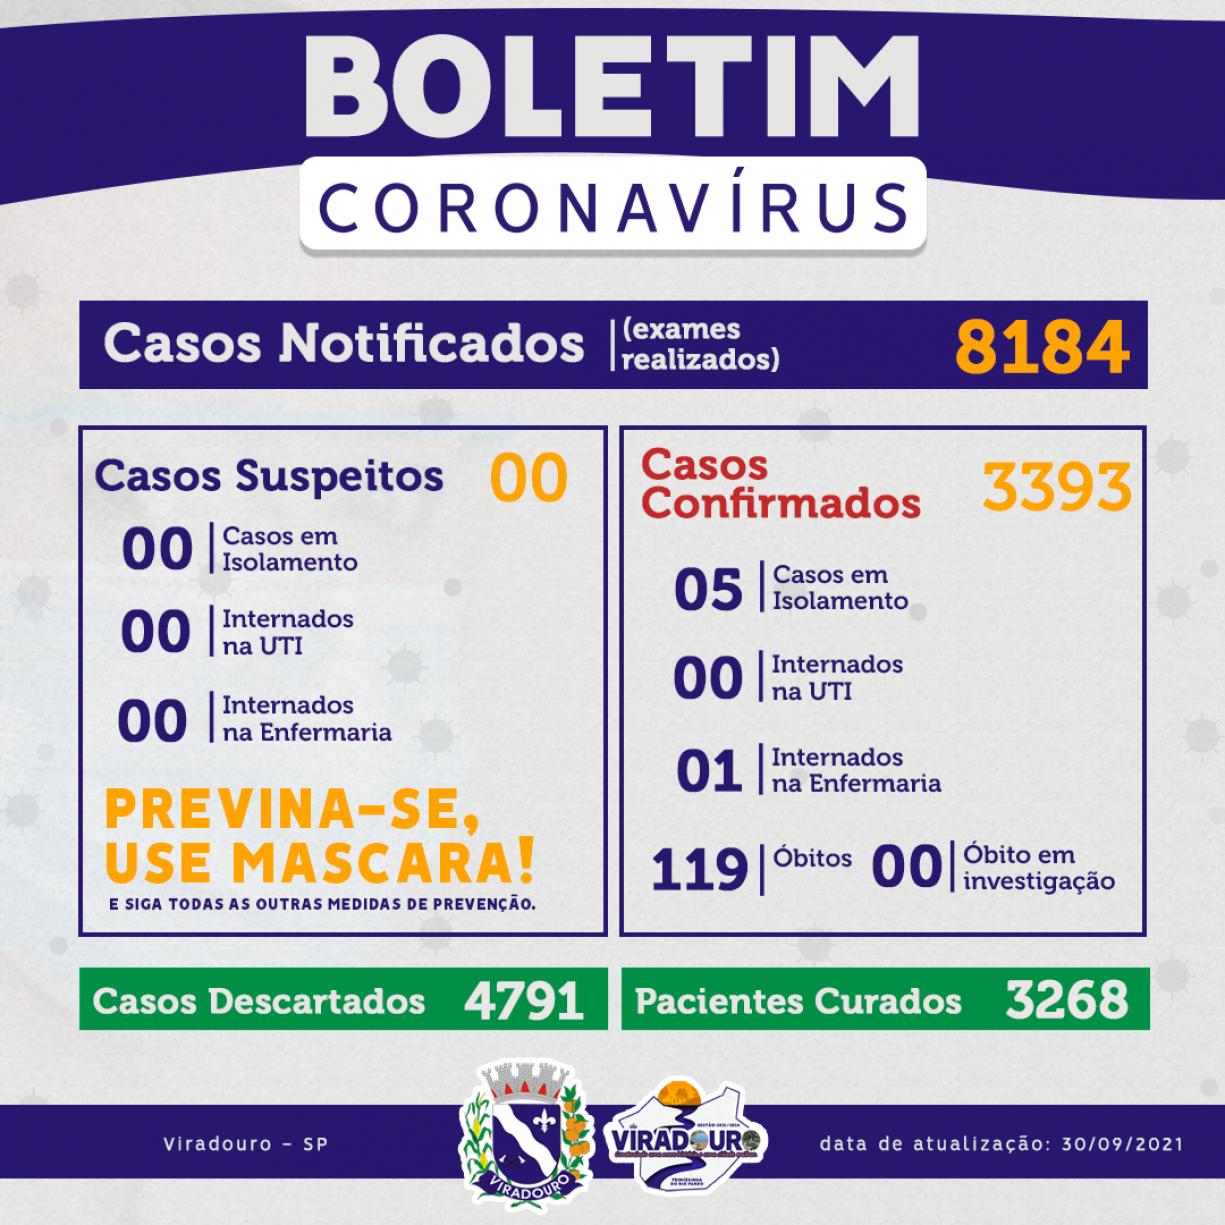 CORONAVÍRUS: BOLETIM EPIDEMIOLÓGICO (ATUALIZAÇÃO 30/09/2021)